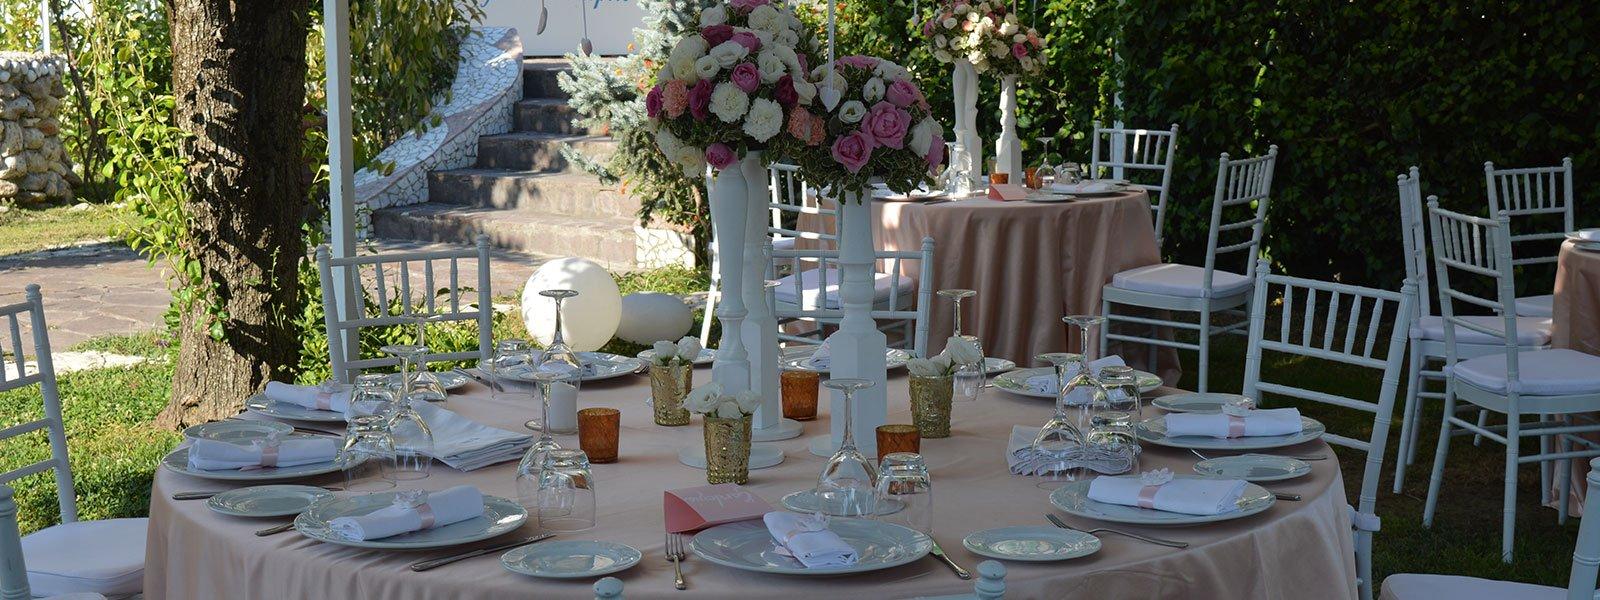 un tavolo apparecchiato per un ricevimento con un vaso di fiori bianchi e rosa al centro, accanto altri tavoli e dietro vista del giardino